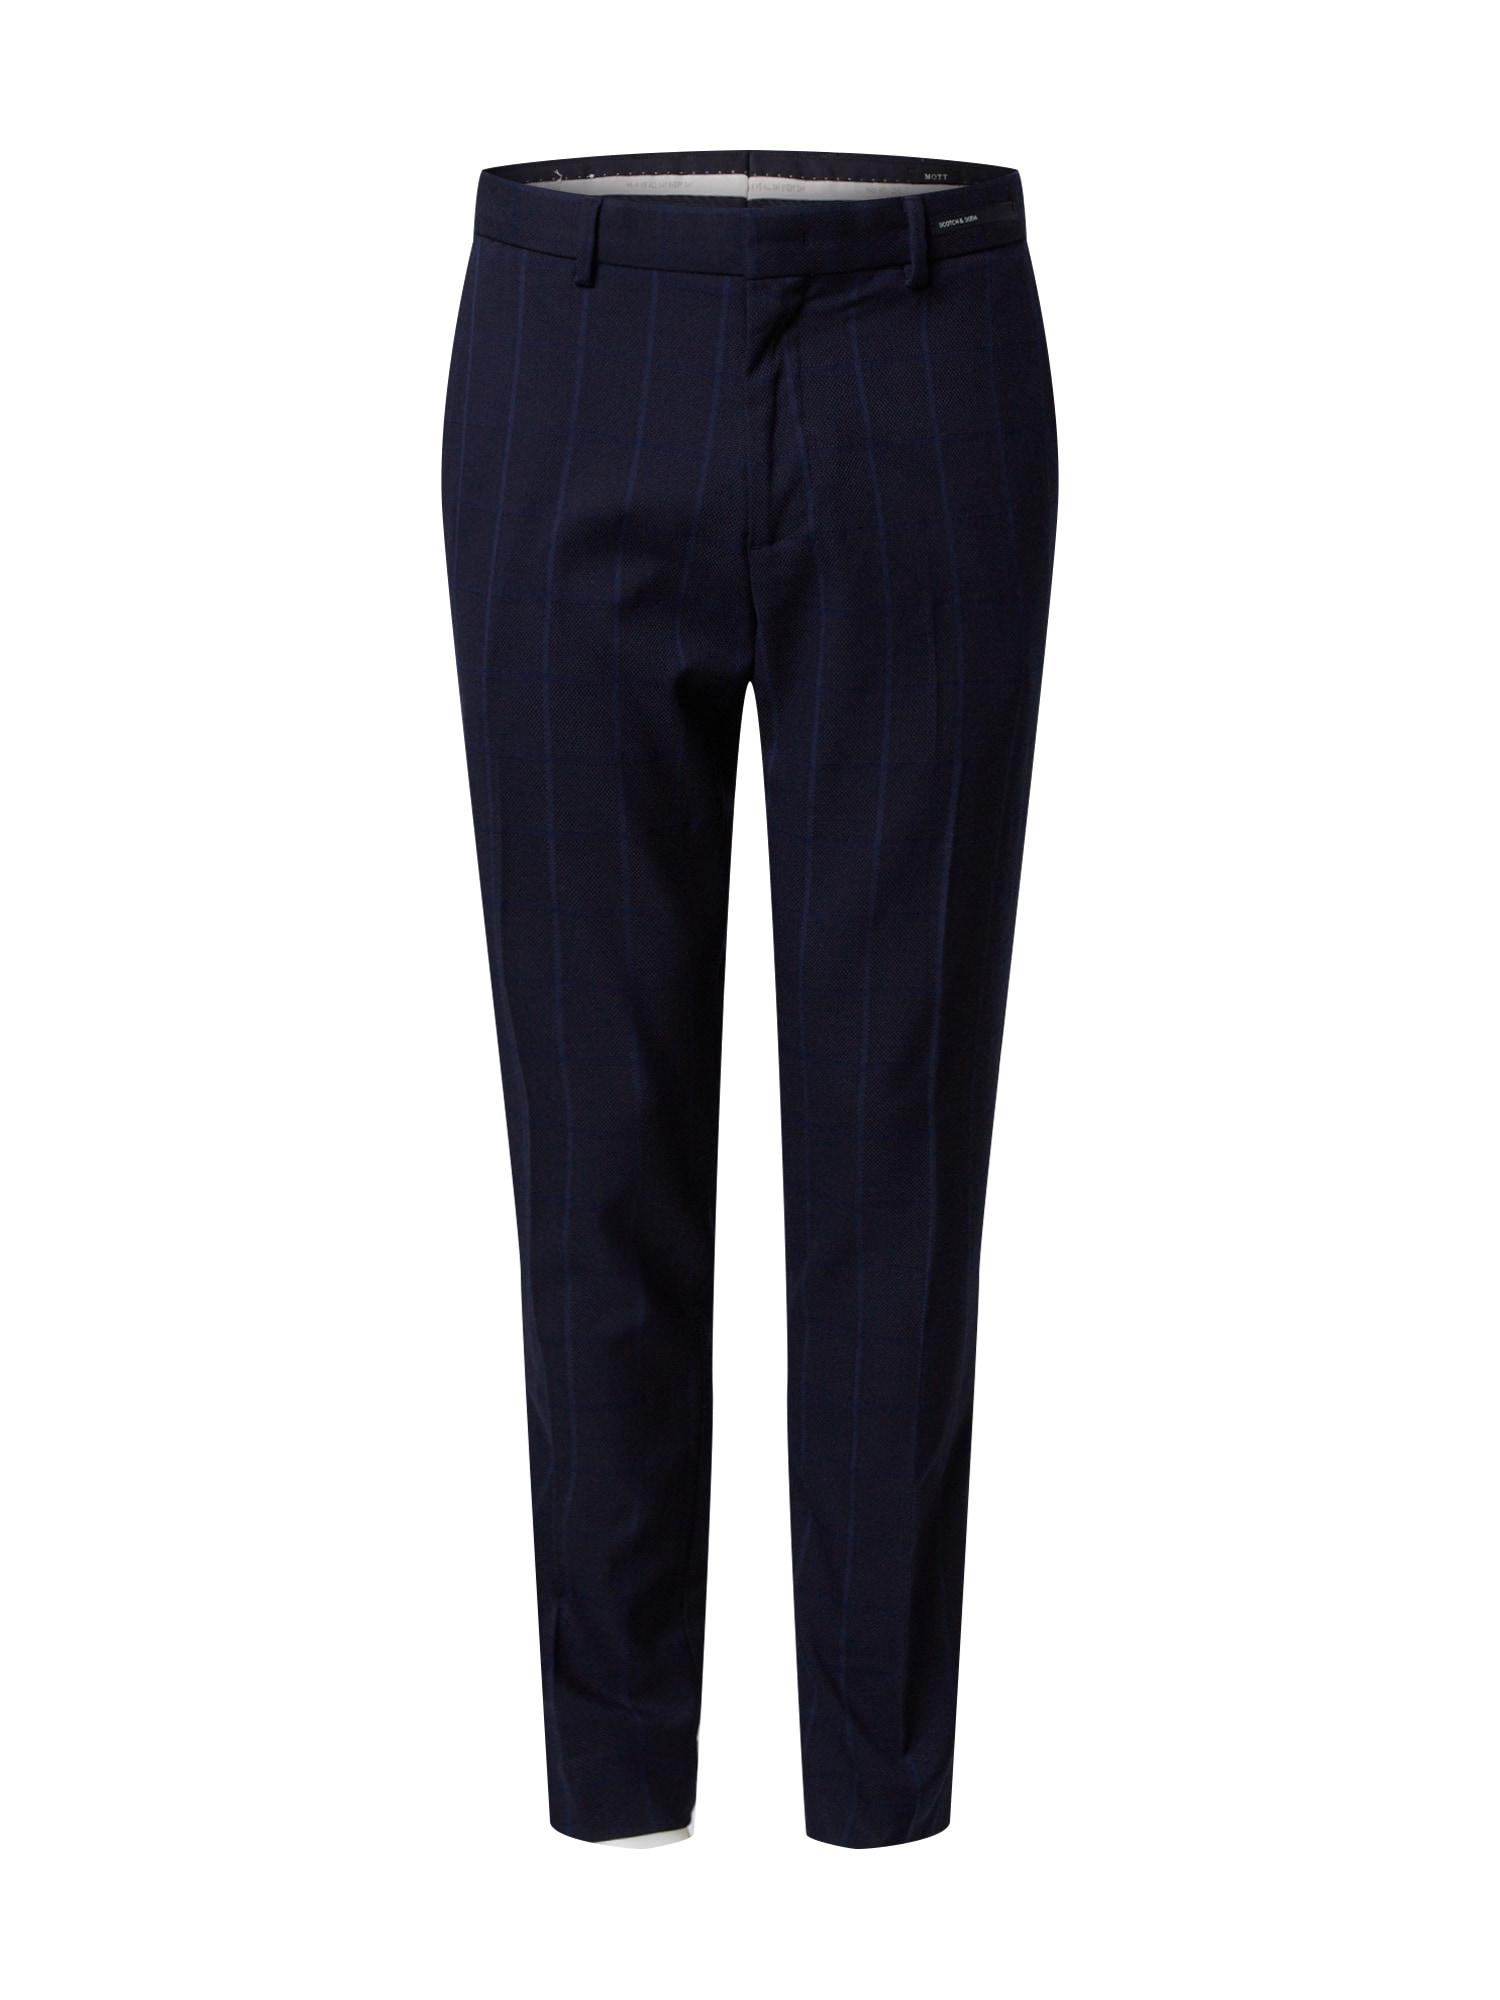 SCOTCH & SODA Chino kalhoty 'MOTT'  námořnická modř